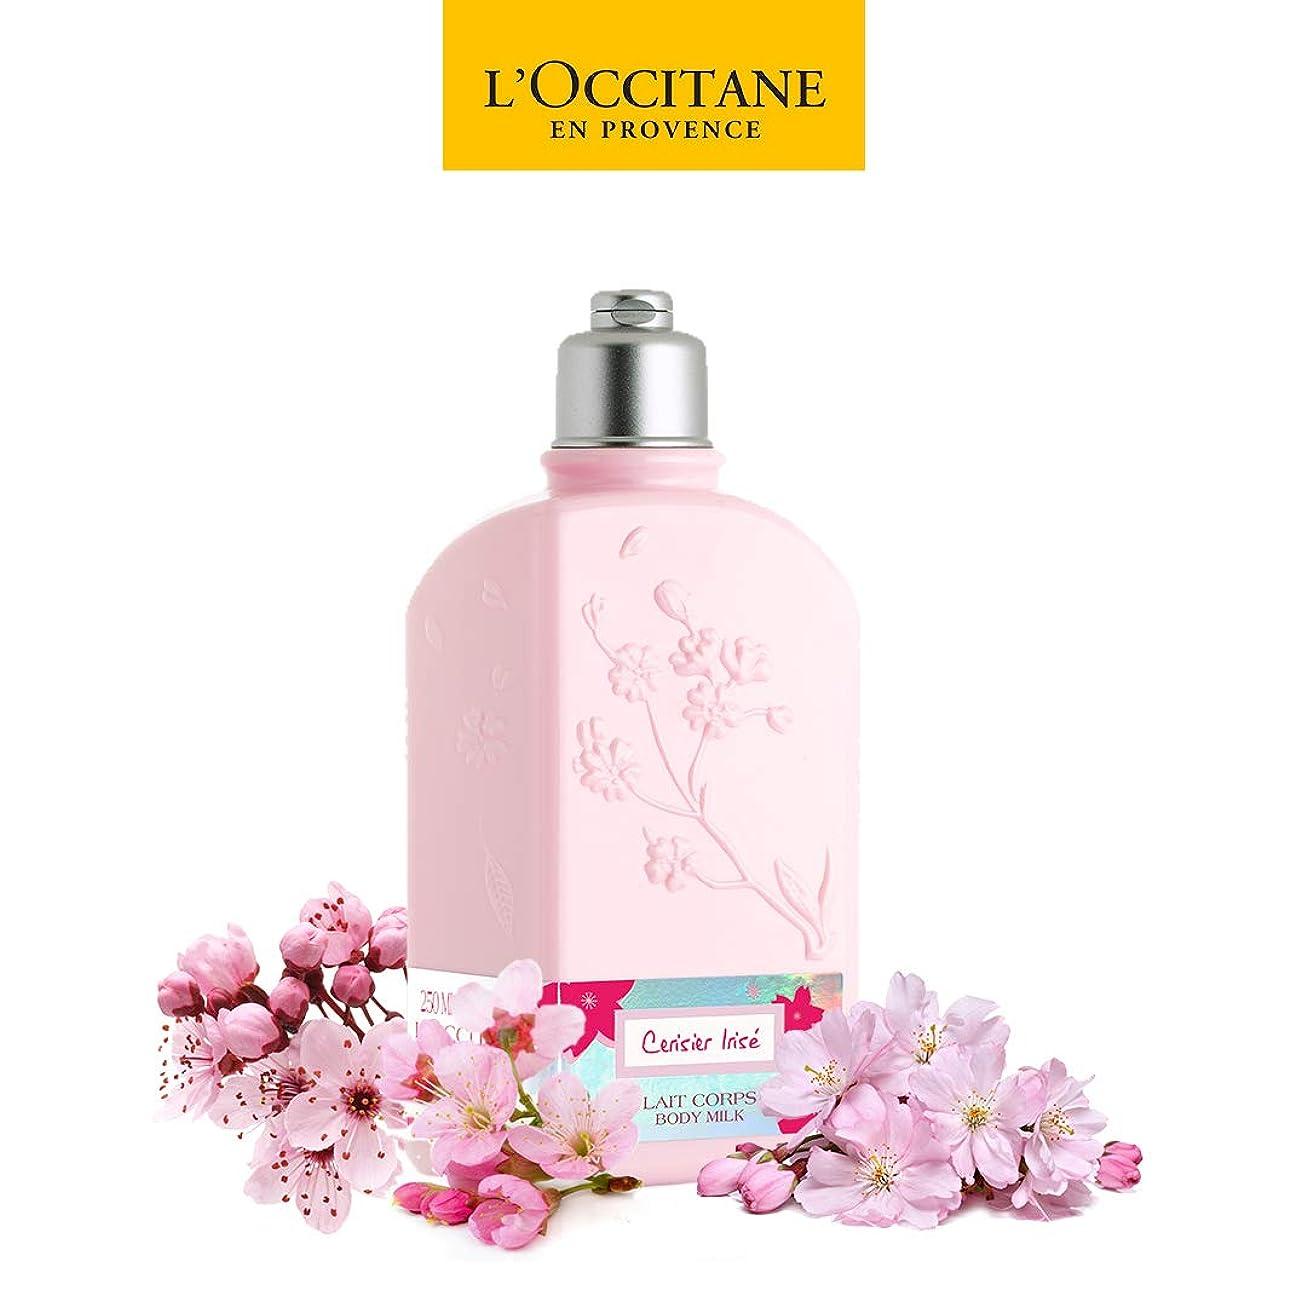 インスタンスシャーロットブロンテ区別ロクシタン(L'OCCITANE) チェリープリズム ボディミルク 250ml